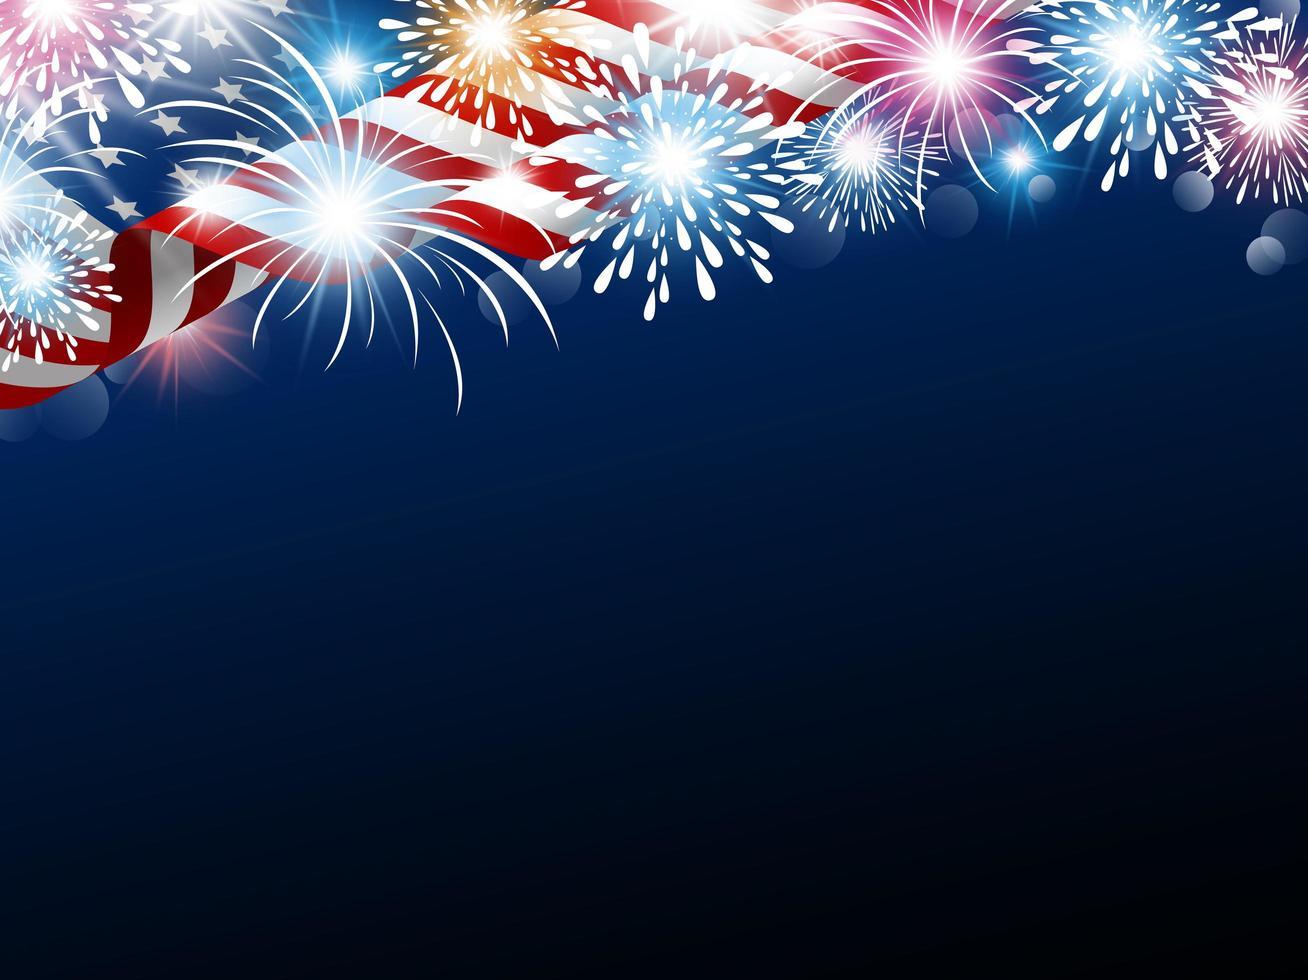 vlag van de Verenigde Staten met vuurwerk en kopie ruimte vector